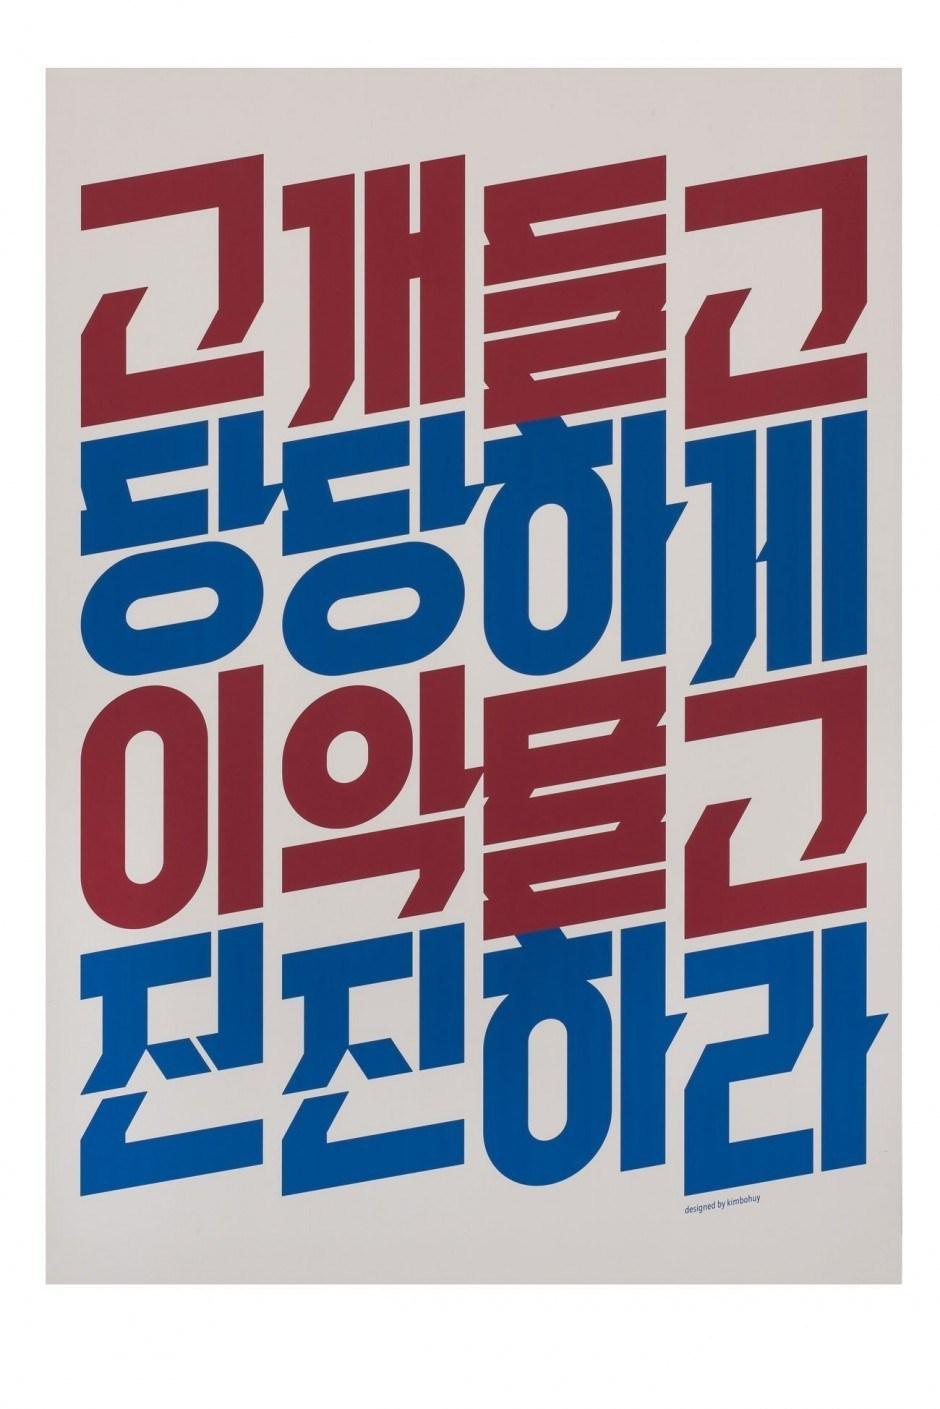 Kim Bo-huy, Forward!, Poster, 2014